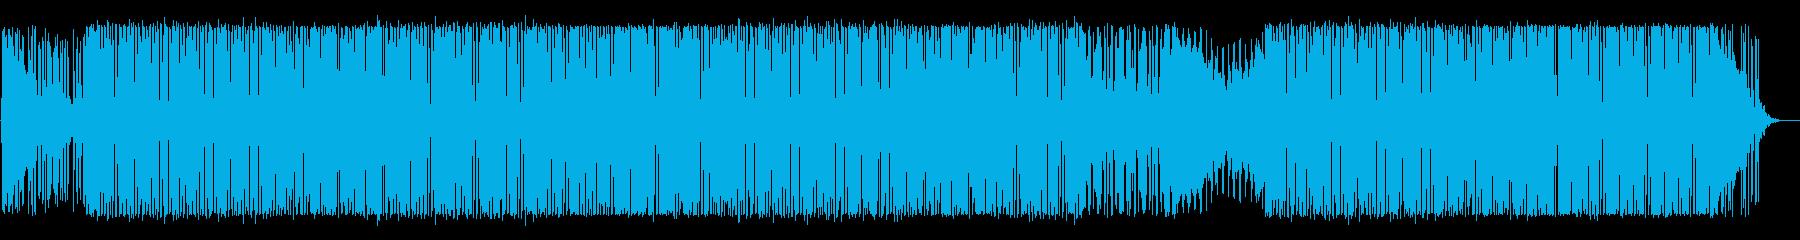 レゲトン/トロピカル/海/砂浜/夏の再生済みの波形